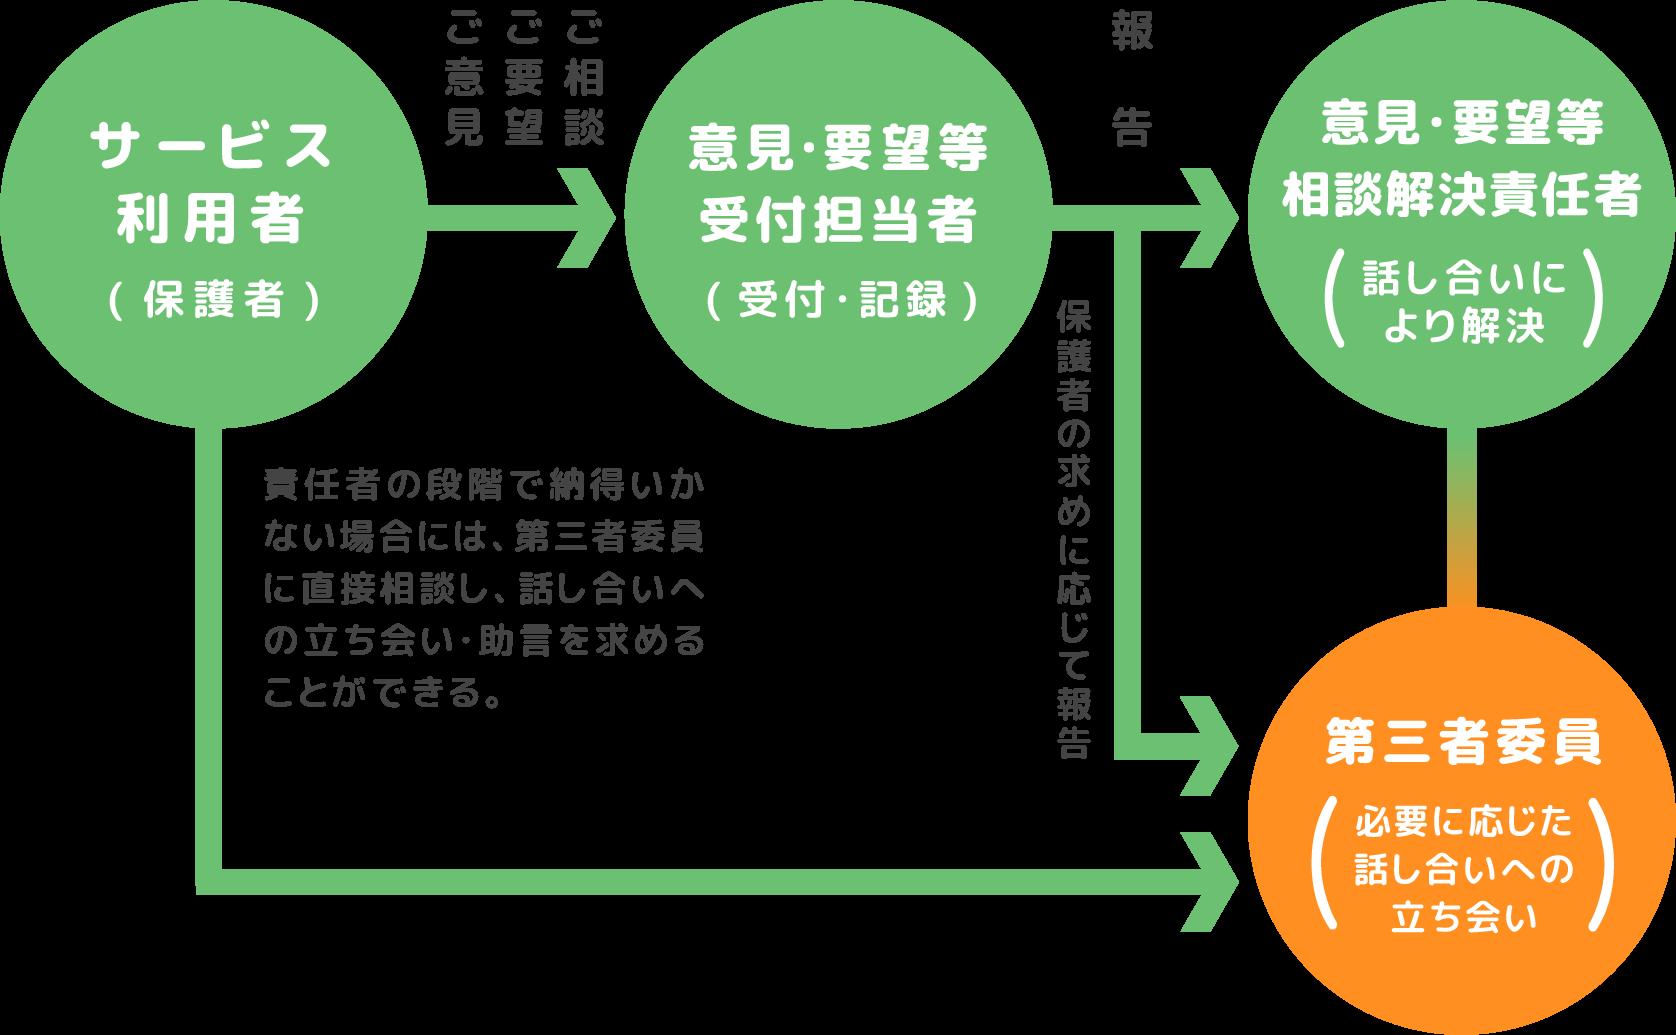 ご意見・ご要望を解決するための仕組みについて(図)